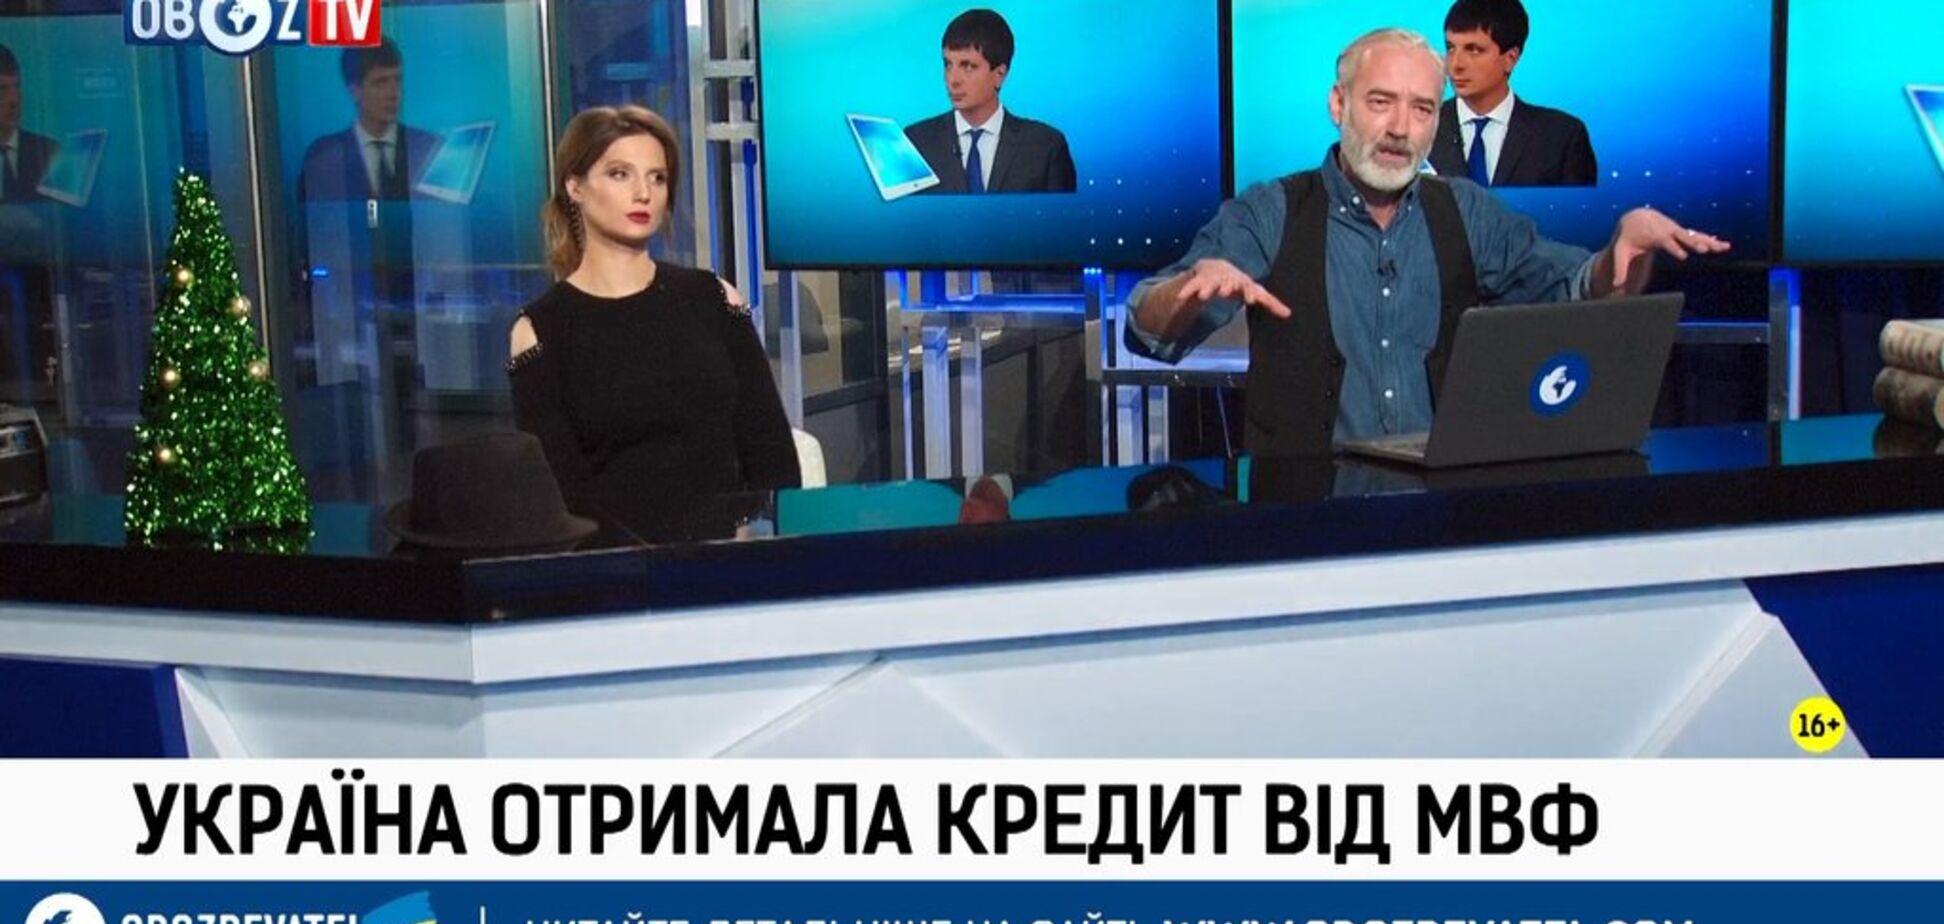 Дефолт и остановка сотрудничества с МВФ: эксперт назвал лозунги политиков, воплощение которых закончатся для Украины фатально